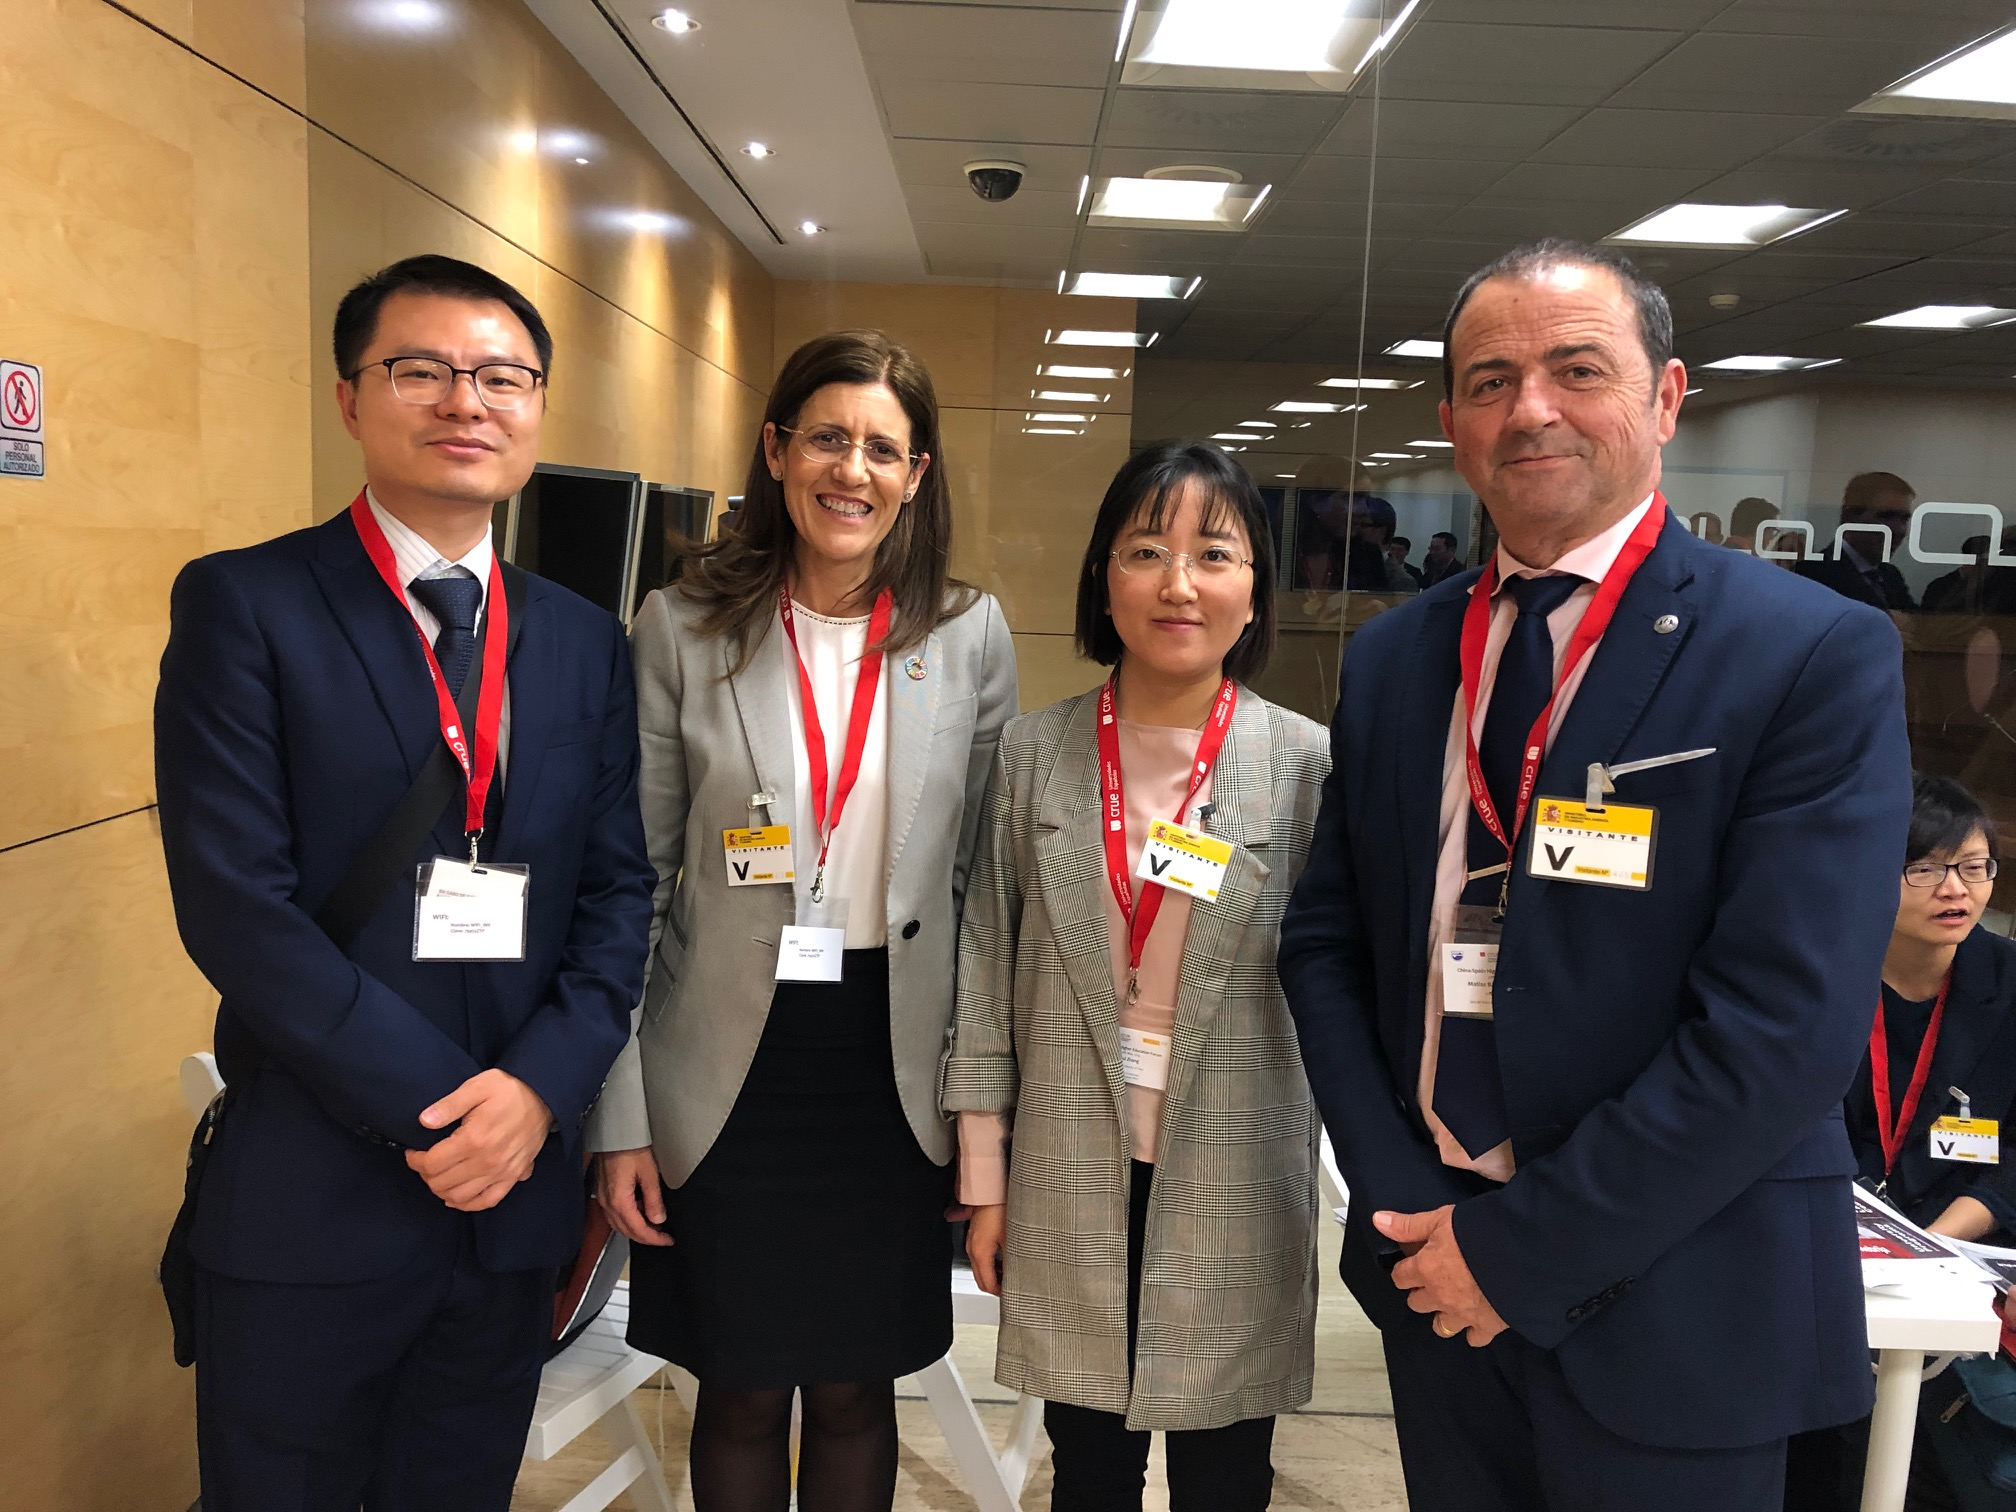 La UMU asiste al encuentro CRUE entre universidades Españolas y Chinas en Madrid